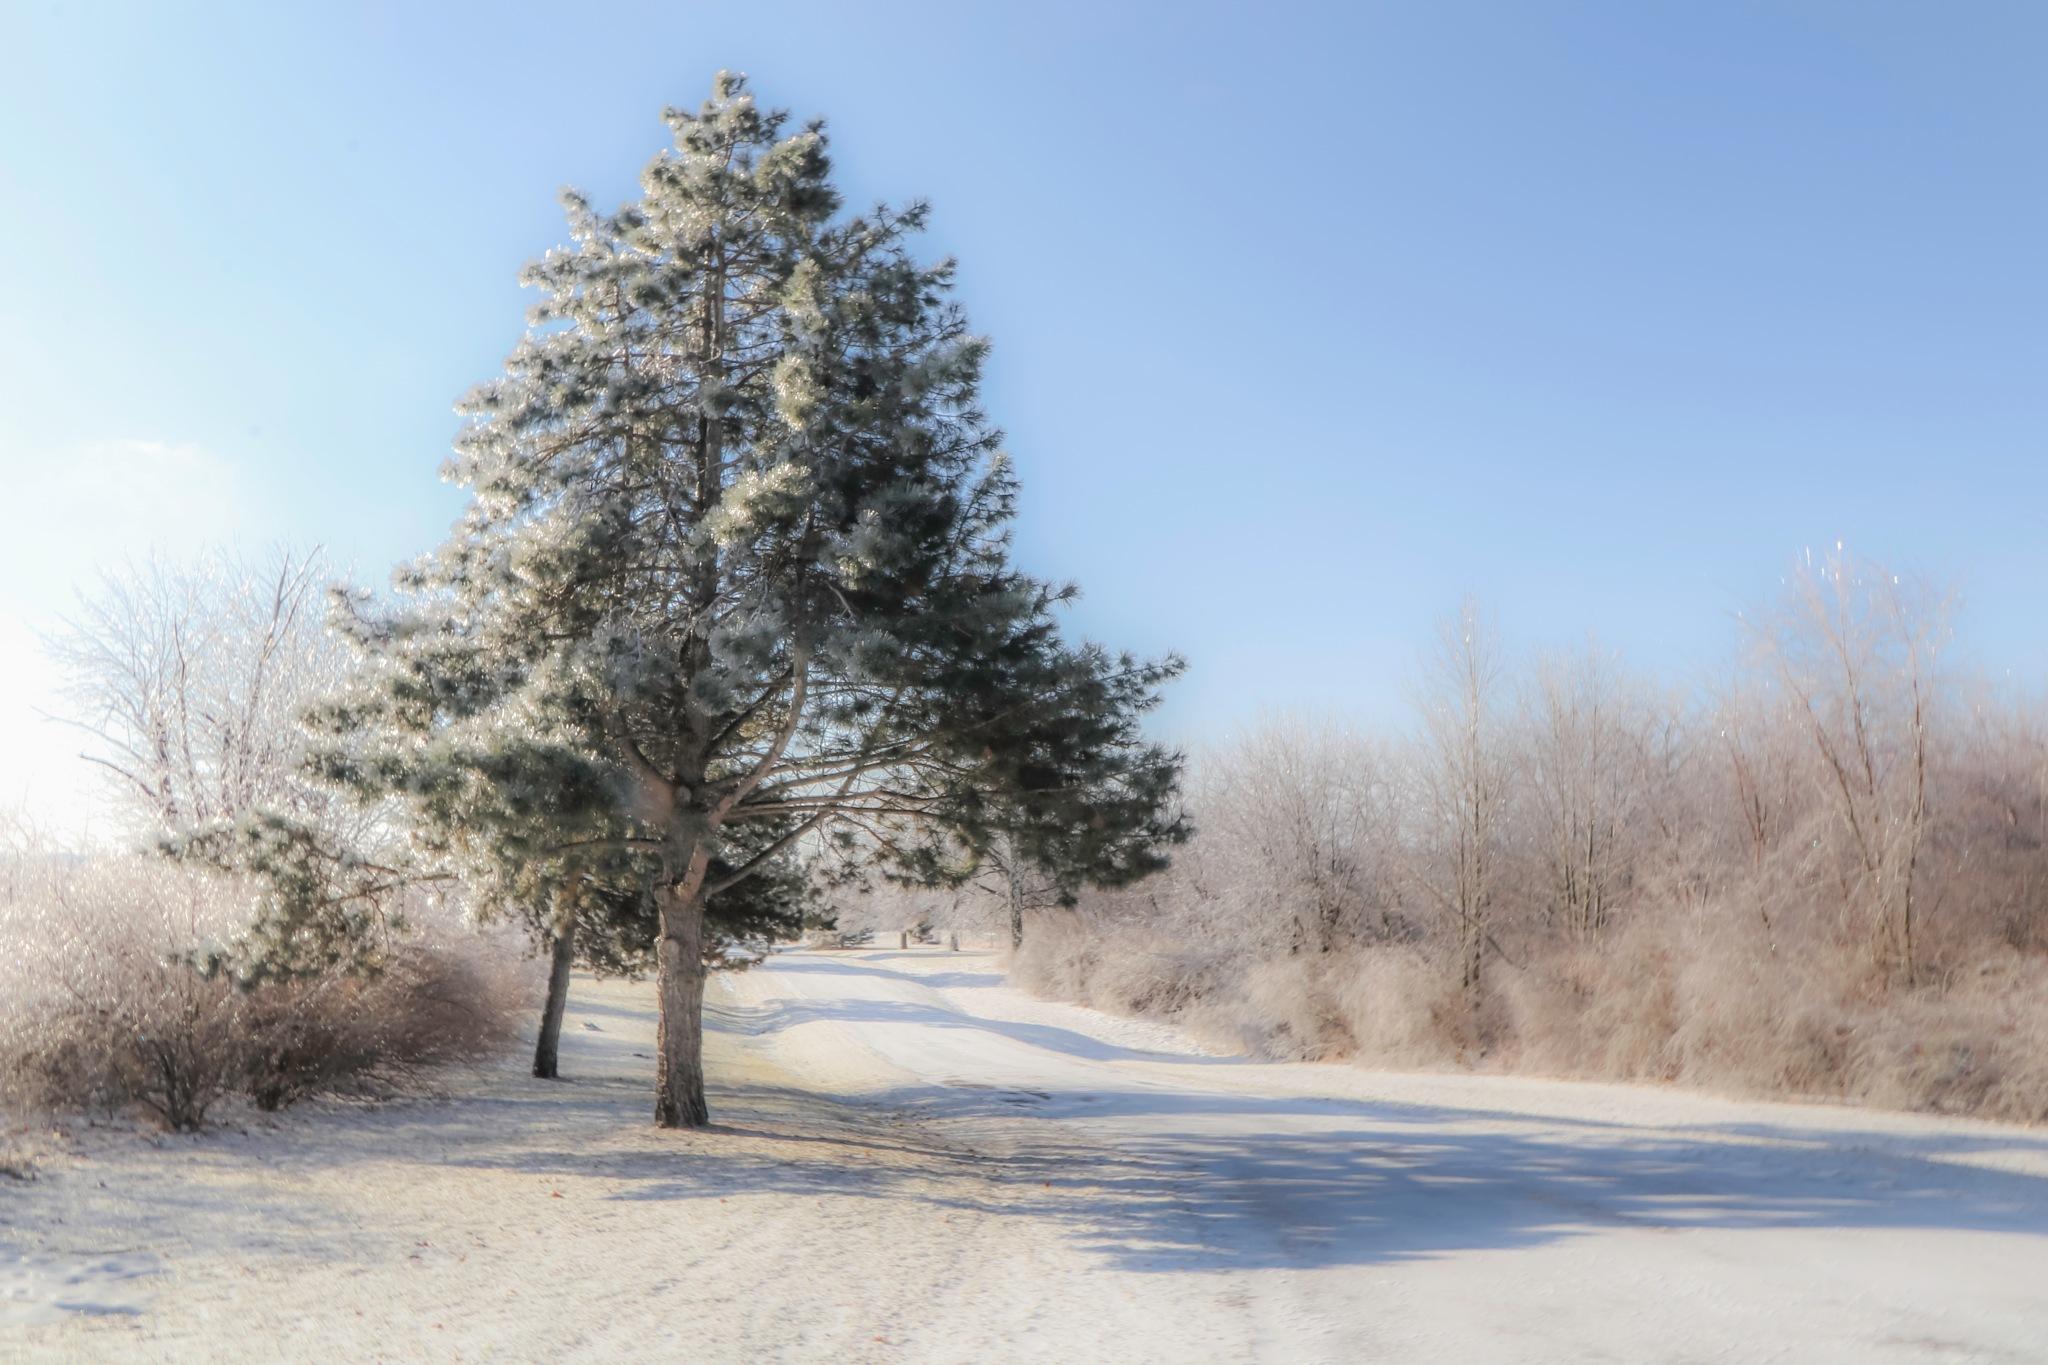 Winter Wonderland by Mark Hootman